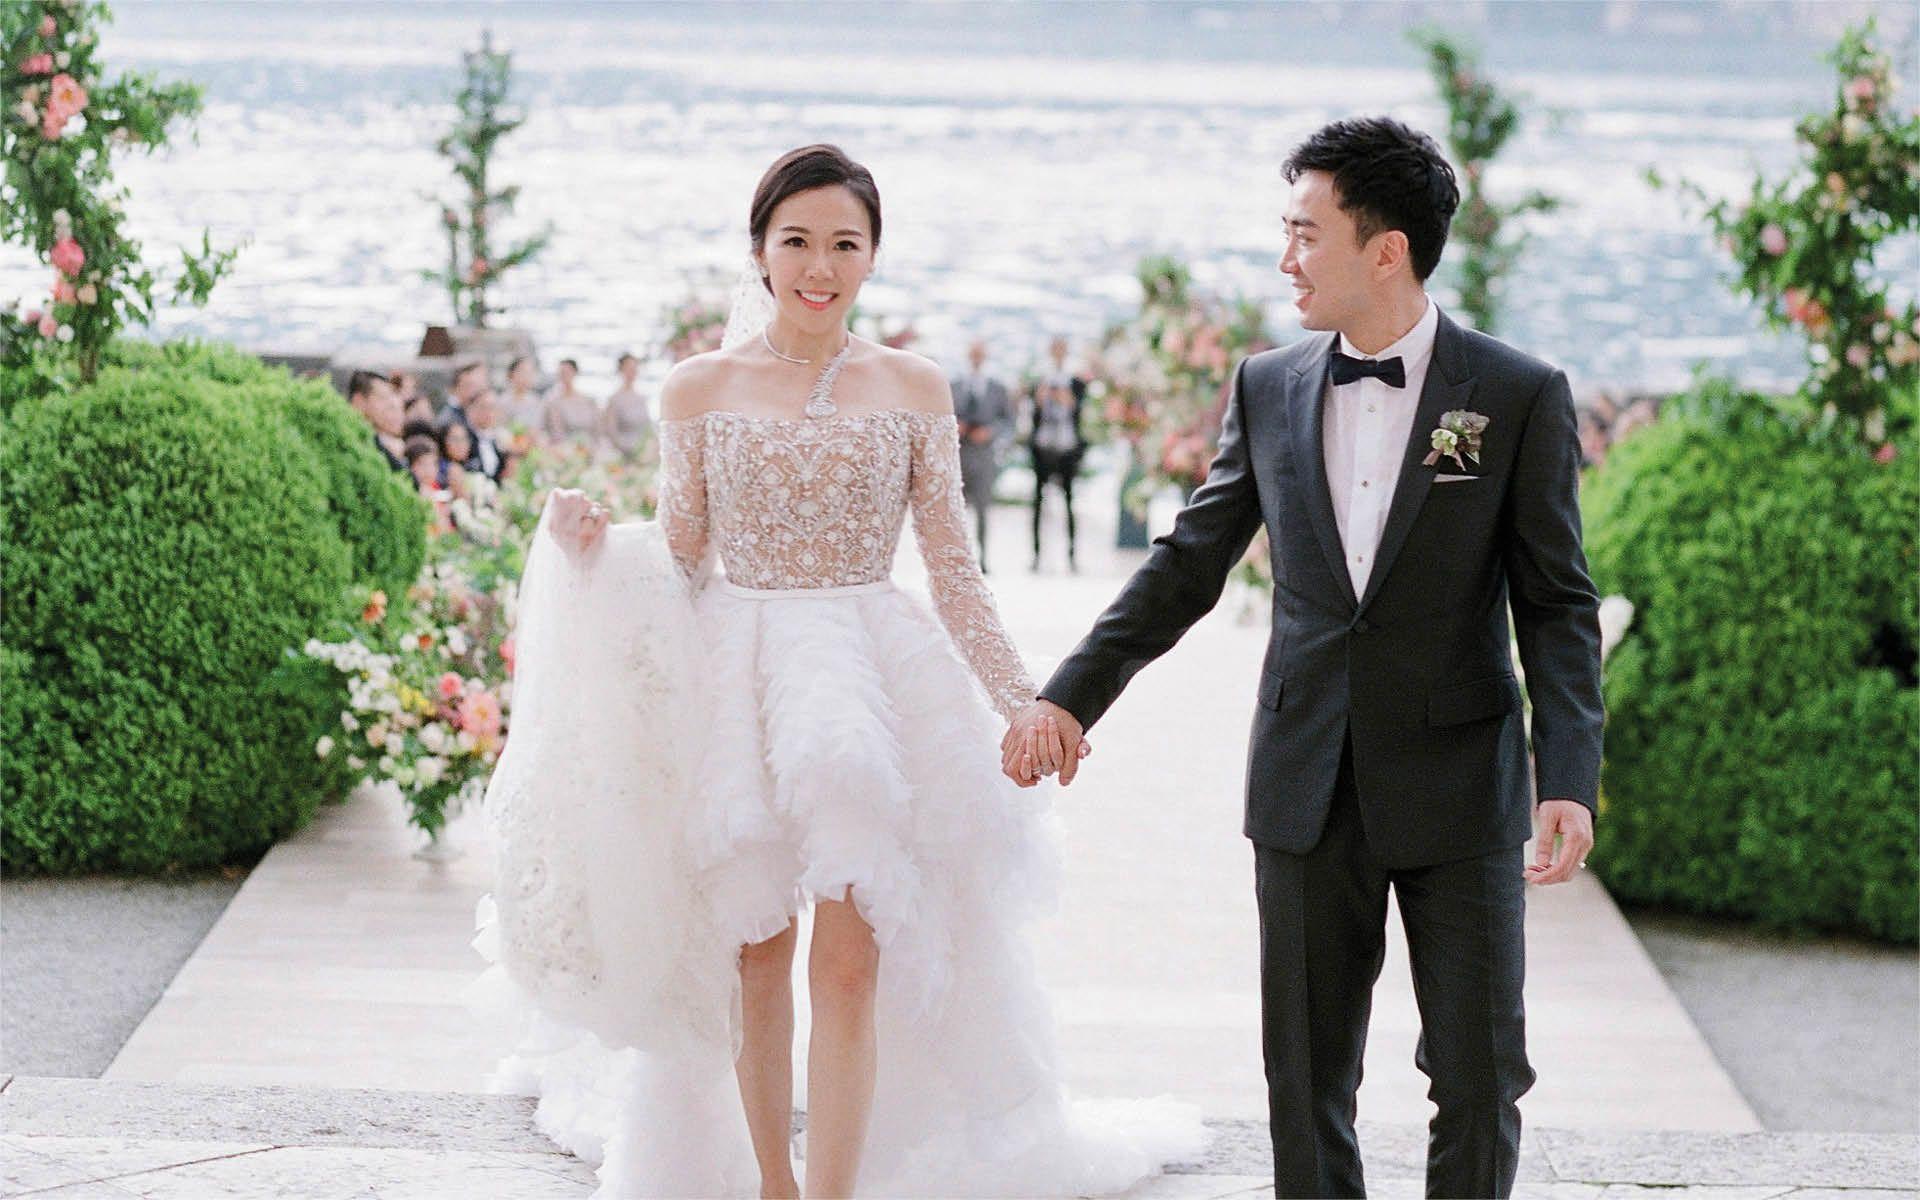 Real Weddings: Inside Flossie Chang And Keith Poon's Lake Como And Hong Kong Weddings